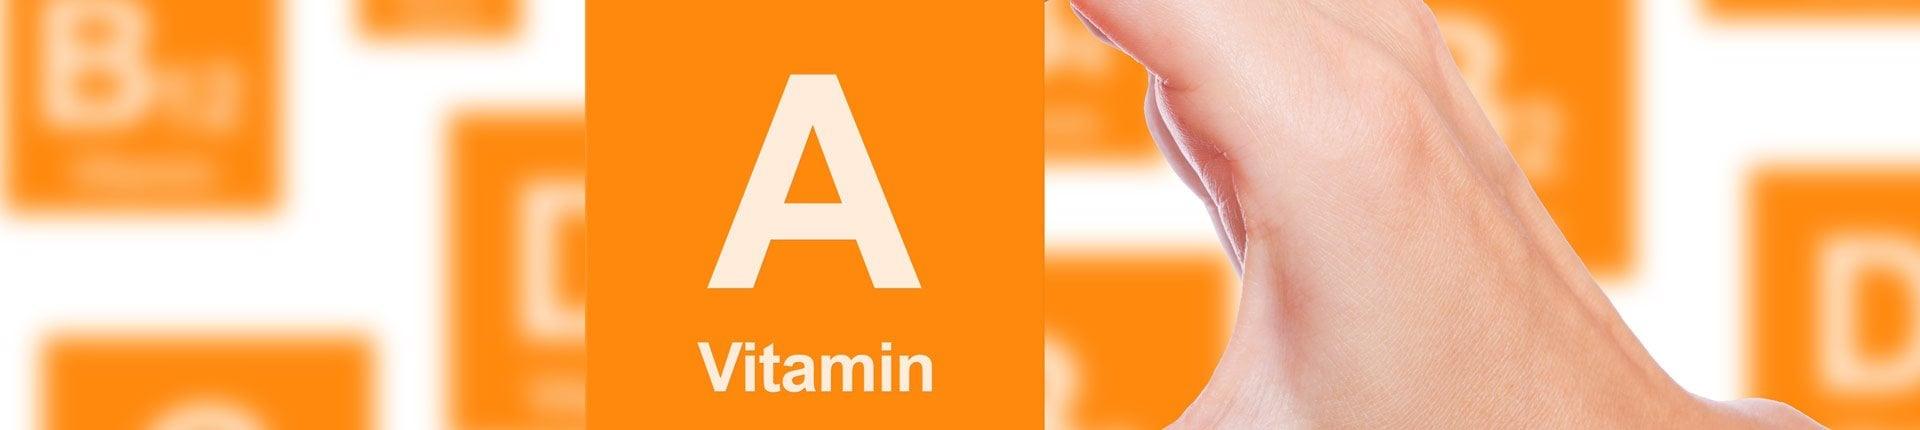 Procesy utleniania i rola witaminy A w organizmie